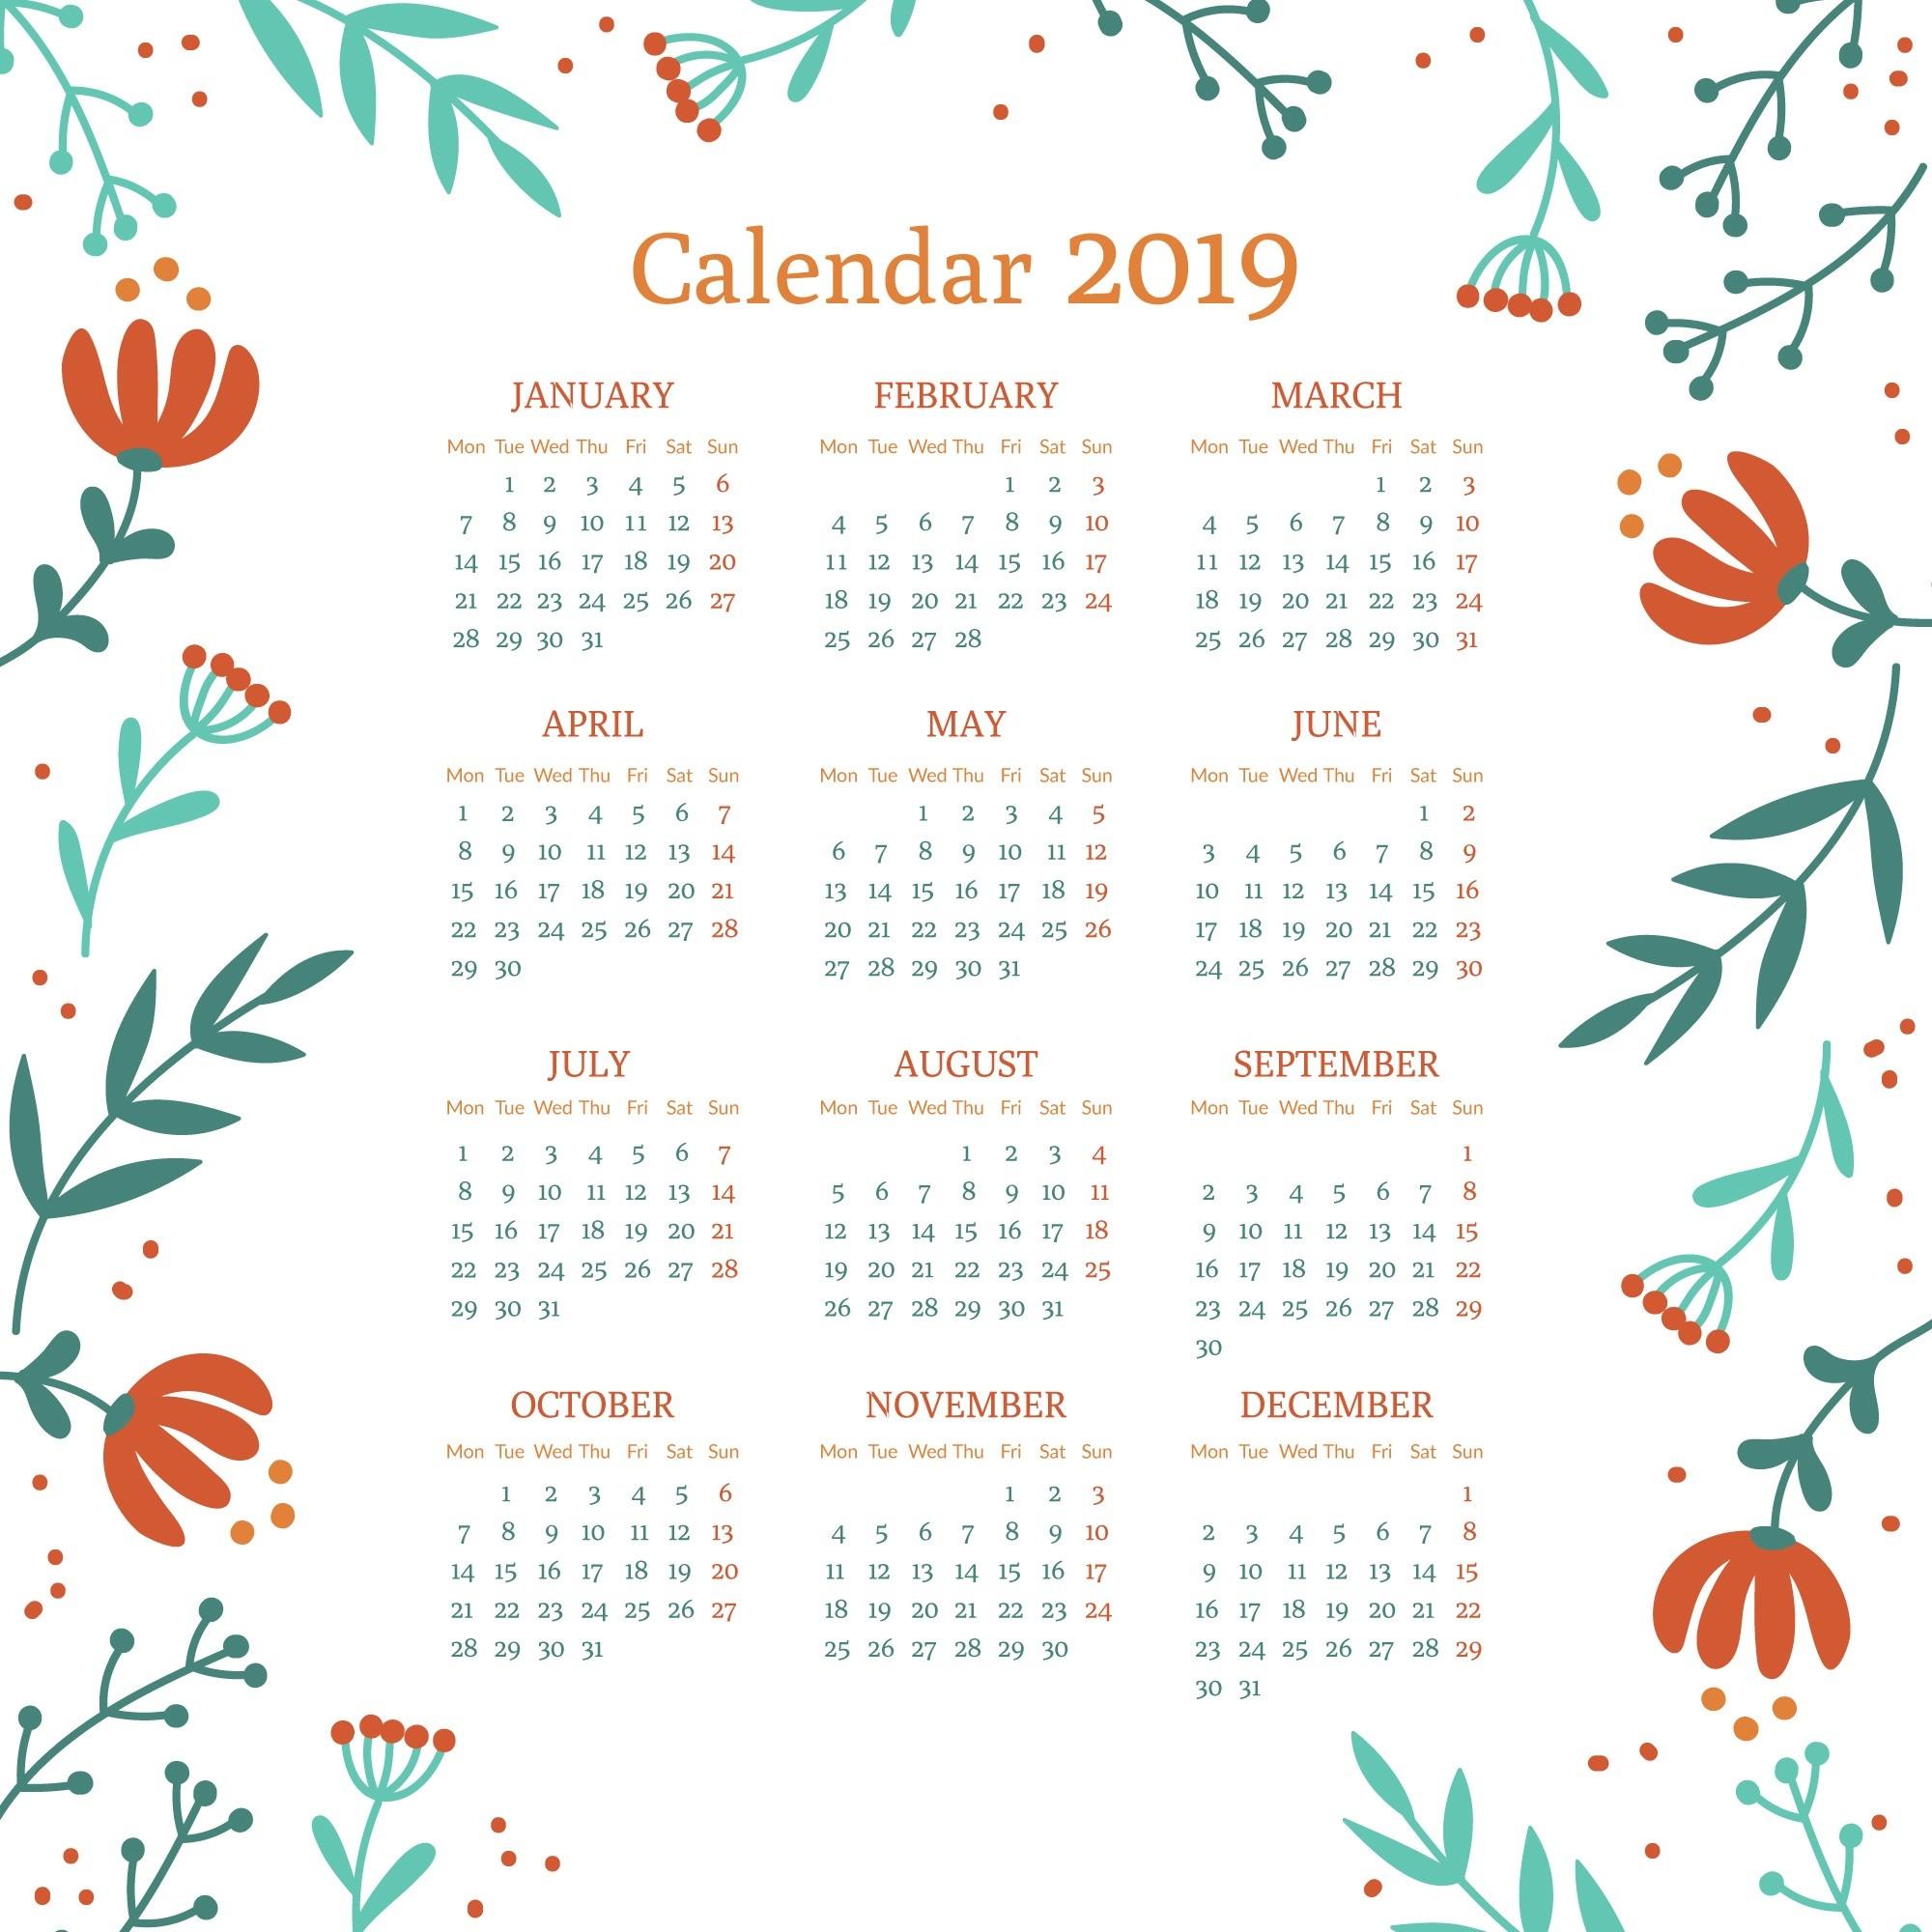 Blank Calendar 2019 Excel Más Reciente Free Printable 2019 Calendar Of Blank Calendar 2019 Excel Más Recientes Collecting 2019 Calendar Excel Hk Calendar Free Printable